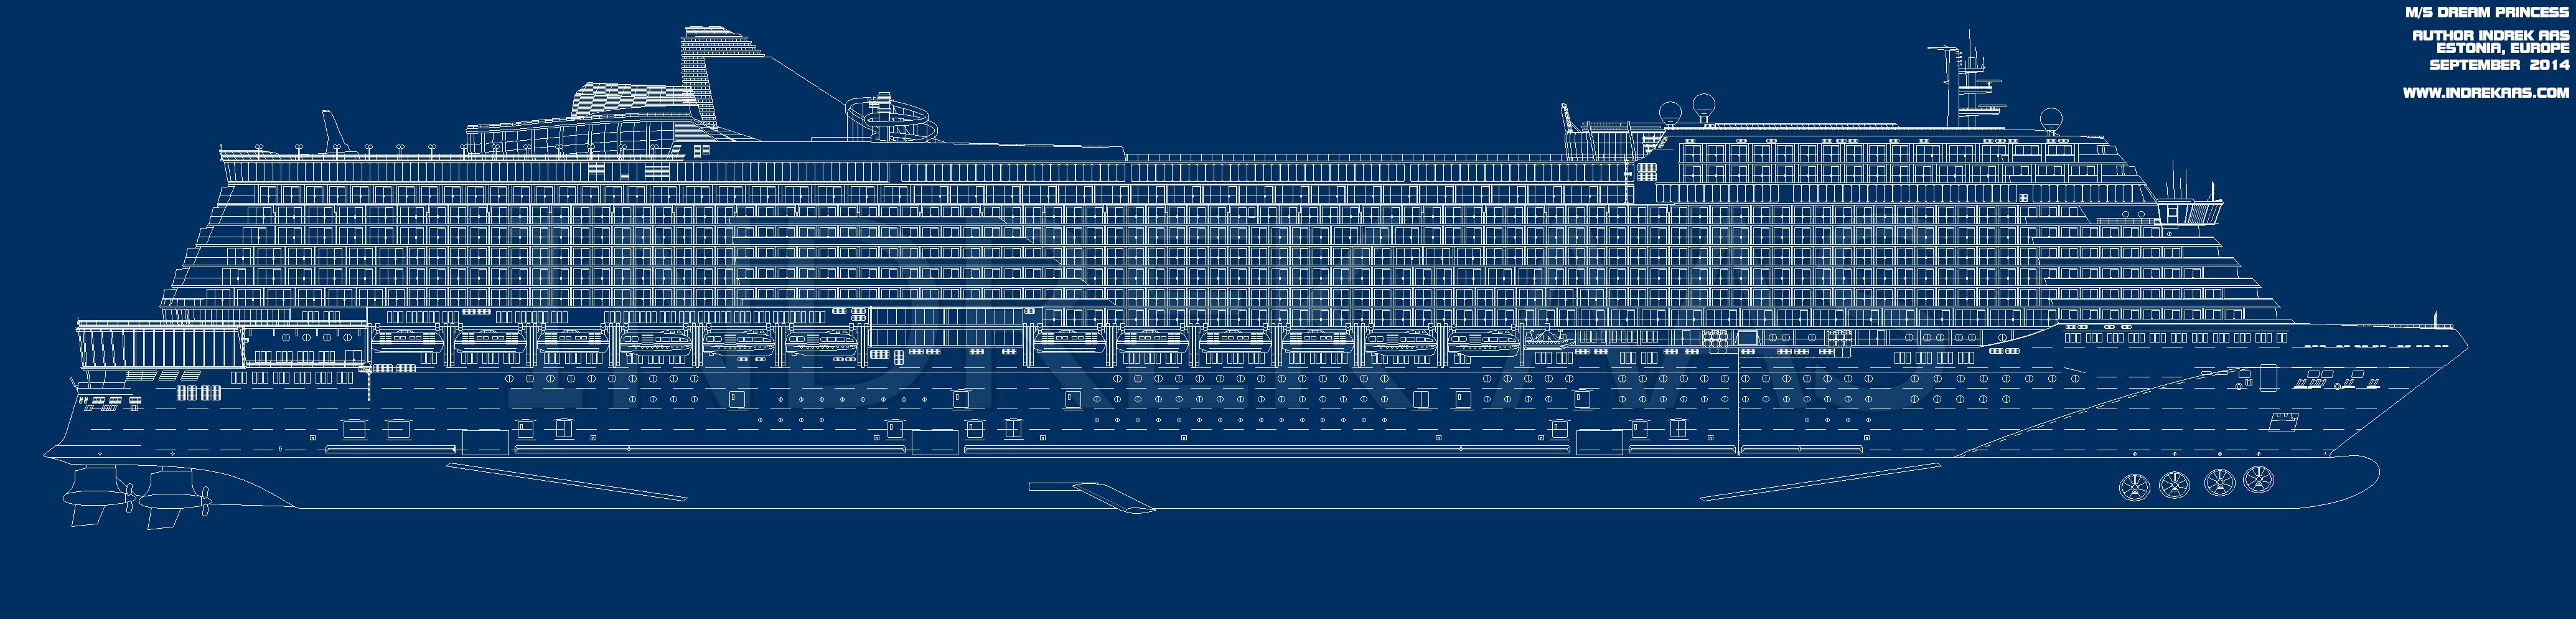 Cruise Ship Blueprints : Cruise ship blueprint by jjouuu on deviantart